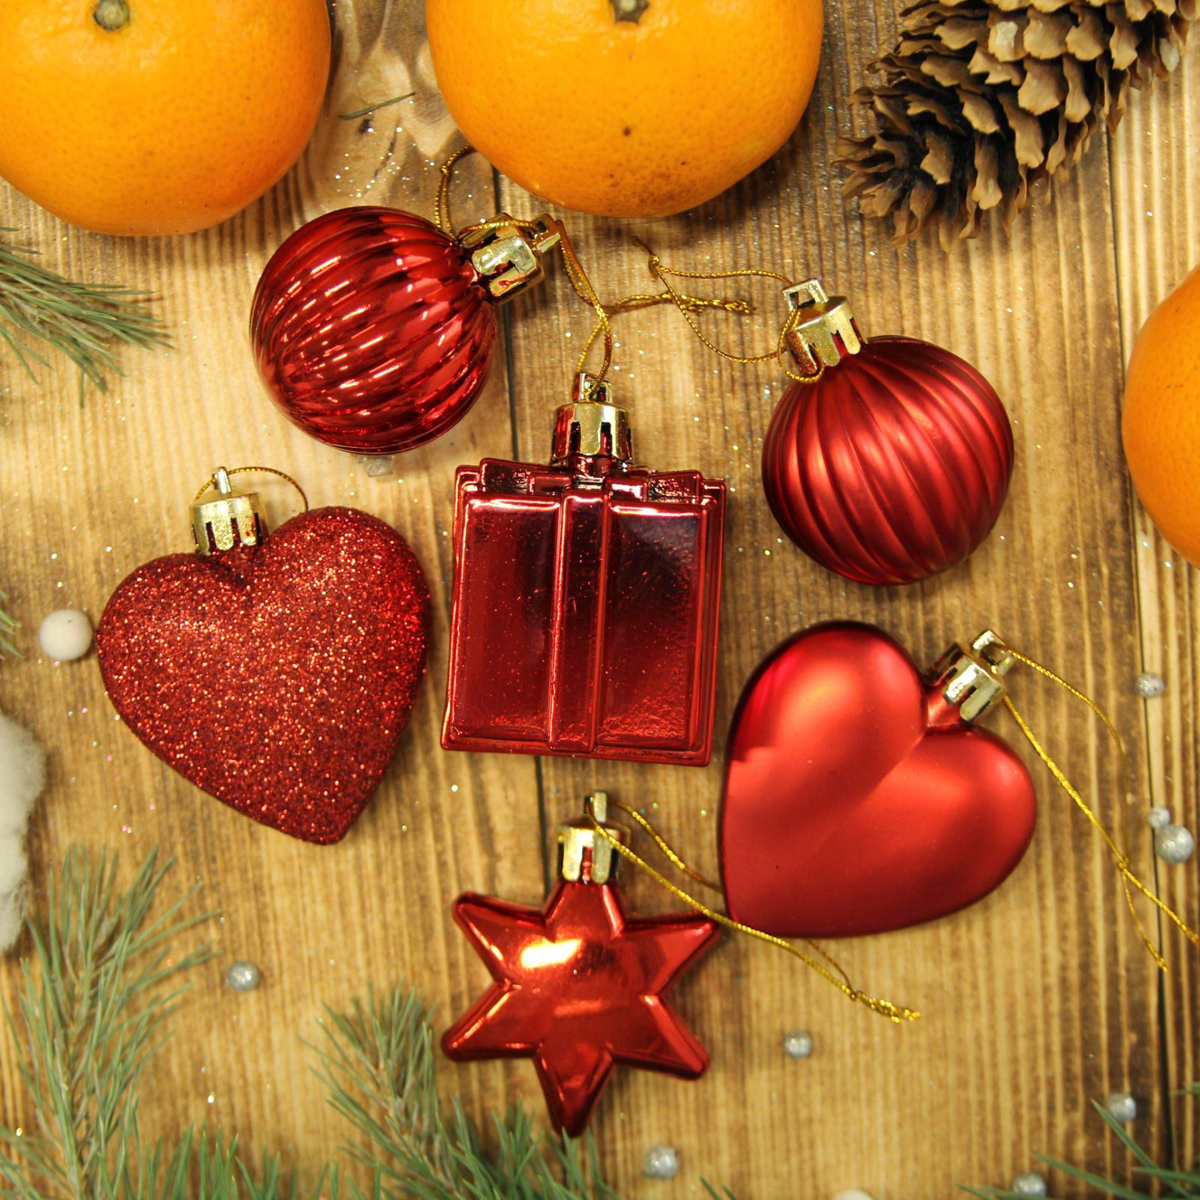 Набор новогодних подвесных украшений Sima-land Красное ассорти, 24 шт2122993Набор новогодних подвесных украшений Sima-land отлично подойдет для декорации вашего дома и новогодней ели. С помощью специальной петельки украшение можно повесить в любом понравившемся вам месте. Но, конечно, удачнее всего оно будет смотреться на праздничной елке. Елочная игрушка - символ Нового года. Она несет в себе волшебство и красоту праздника. Создайте в своем доме атмосферу веселья и радости, украшая новогоднюю елку нарядными игрушками, которые будут из года в год накапливать теплоту воспоминаний.